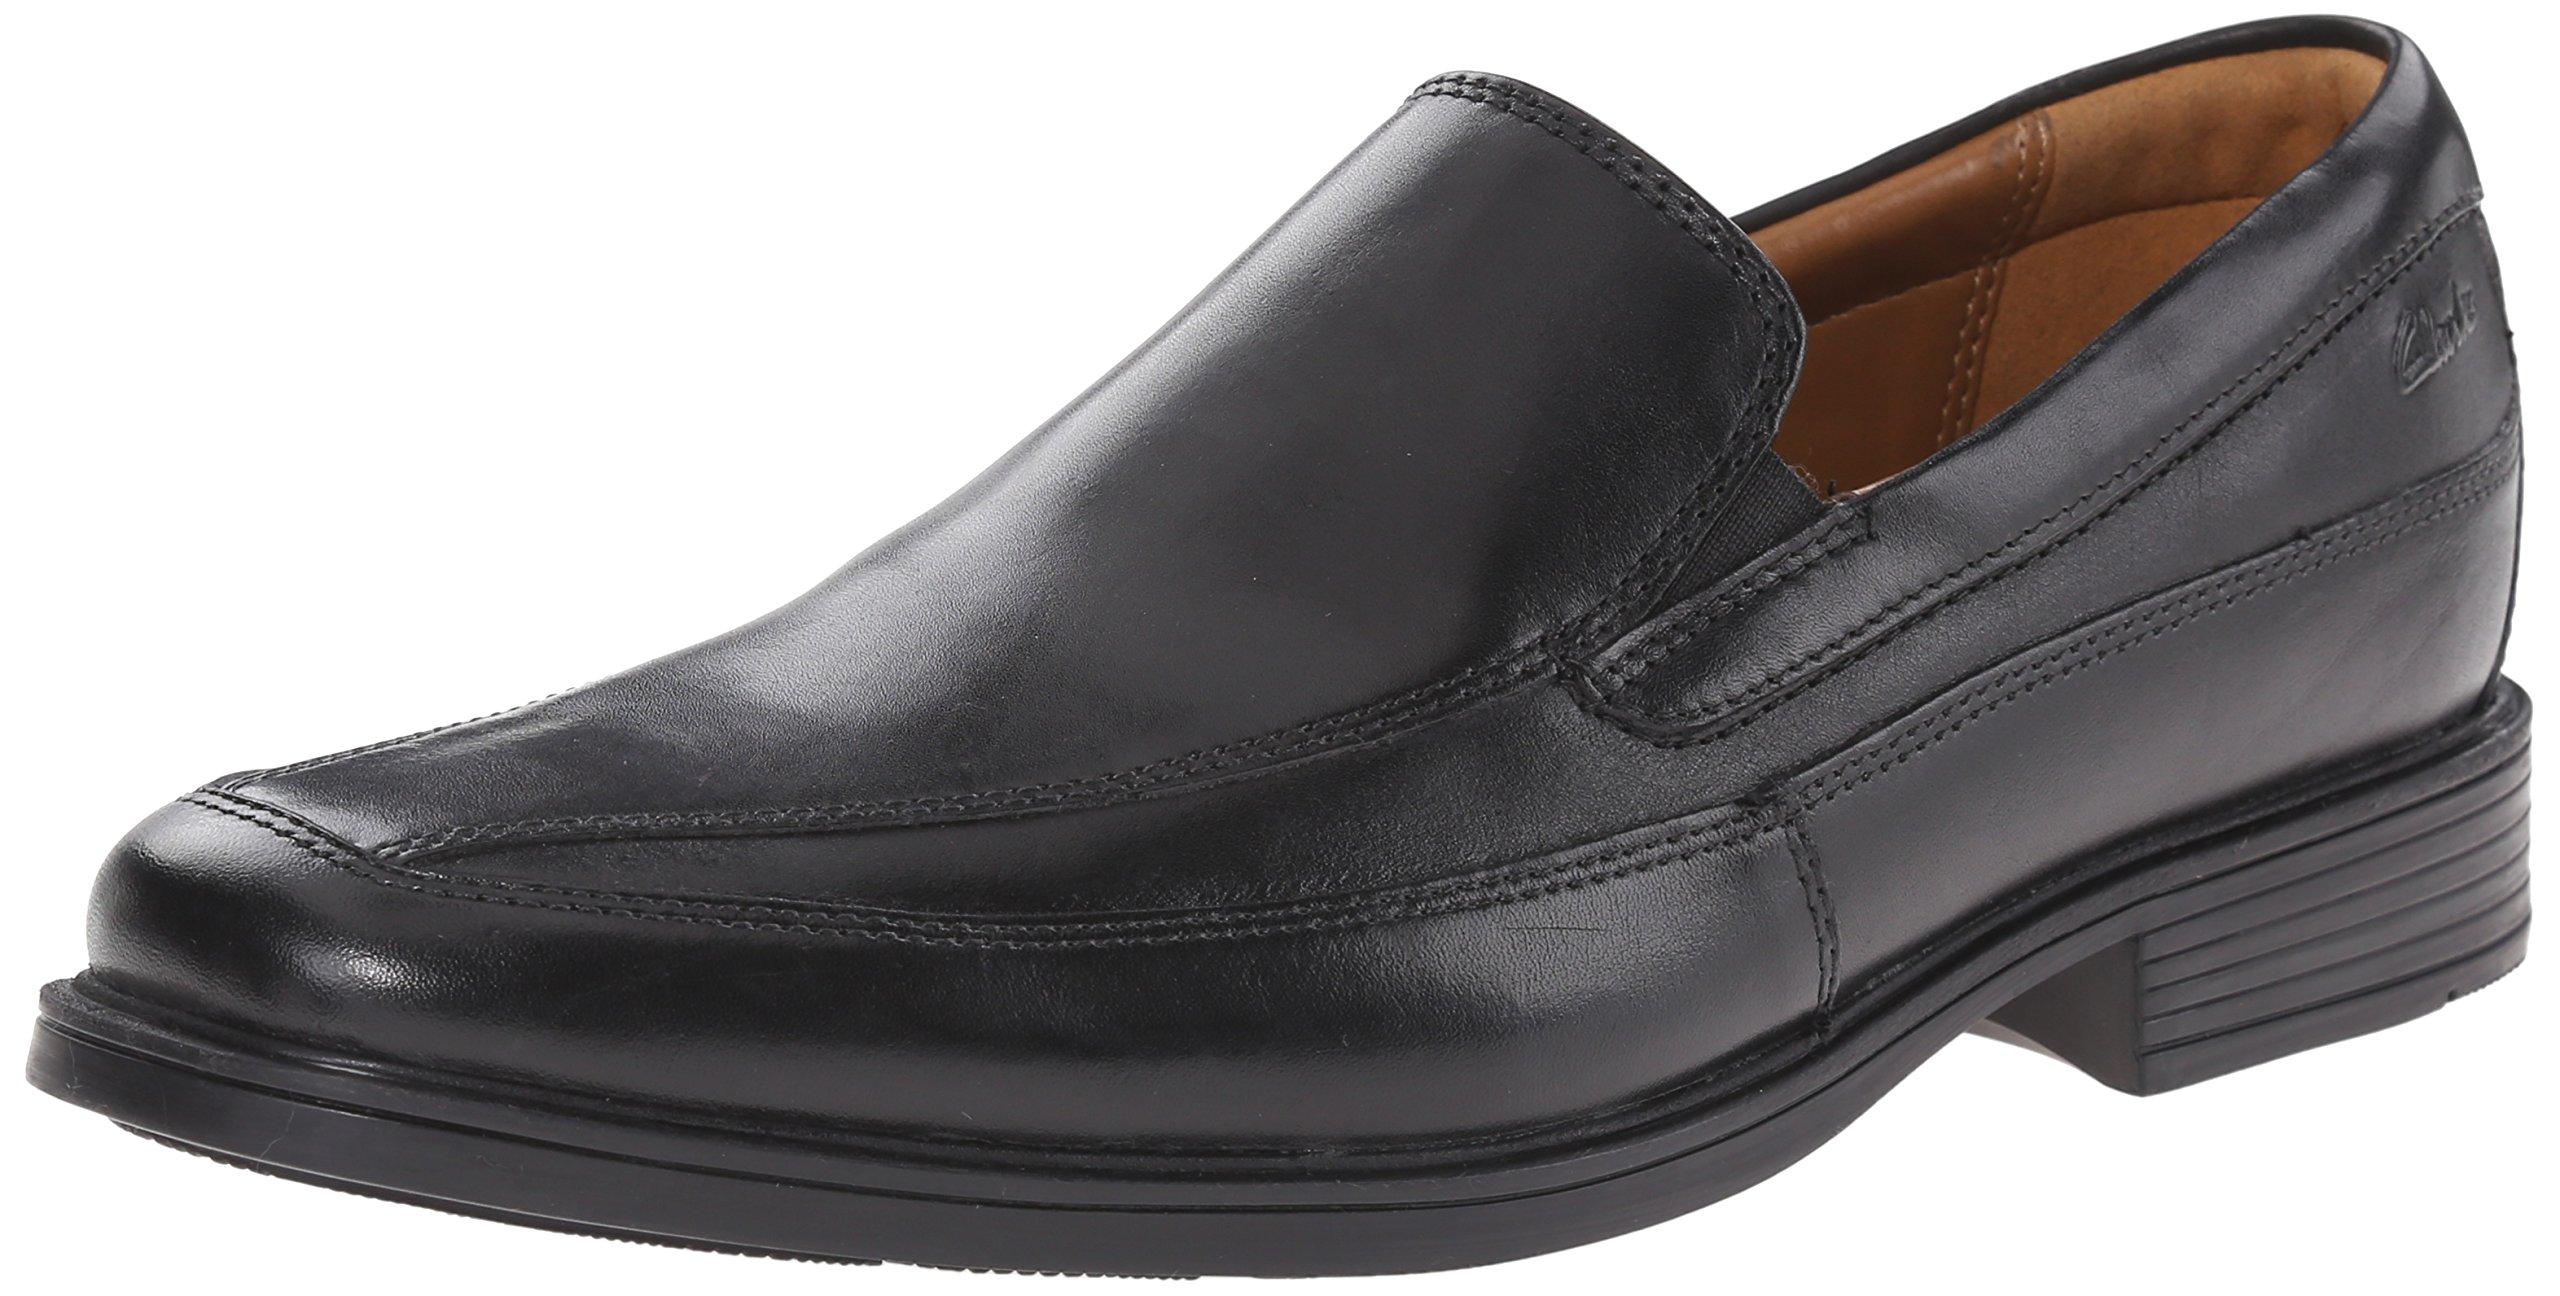 Tilden Free Slip-On Loafer, Black Leather